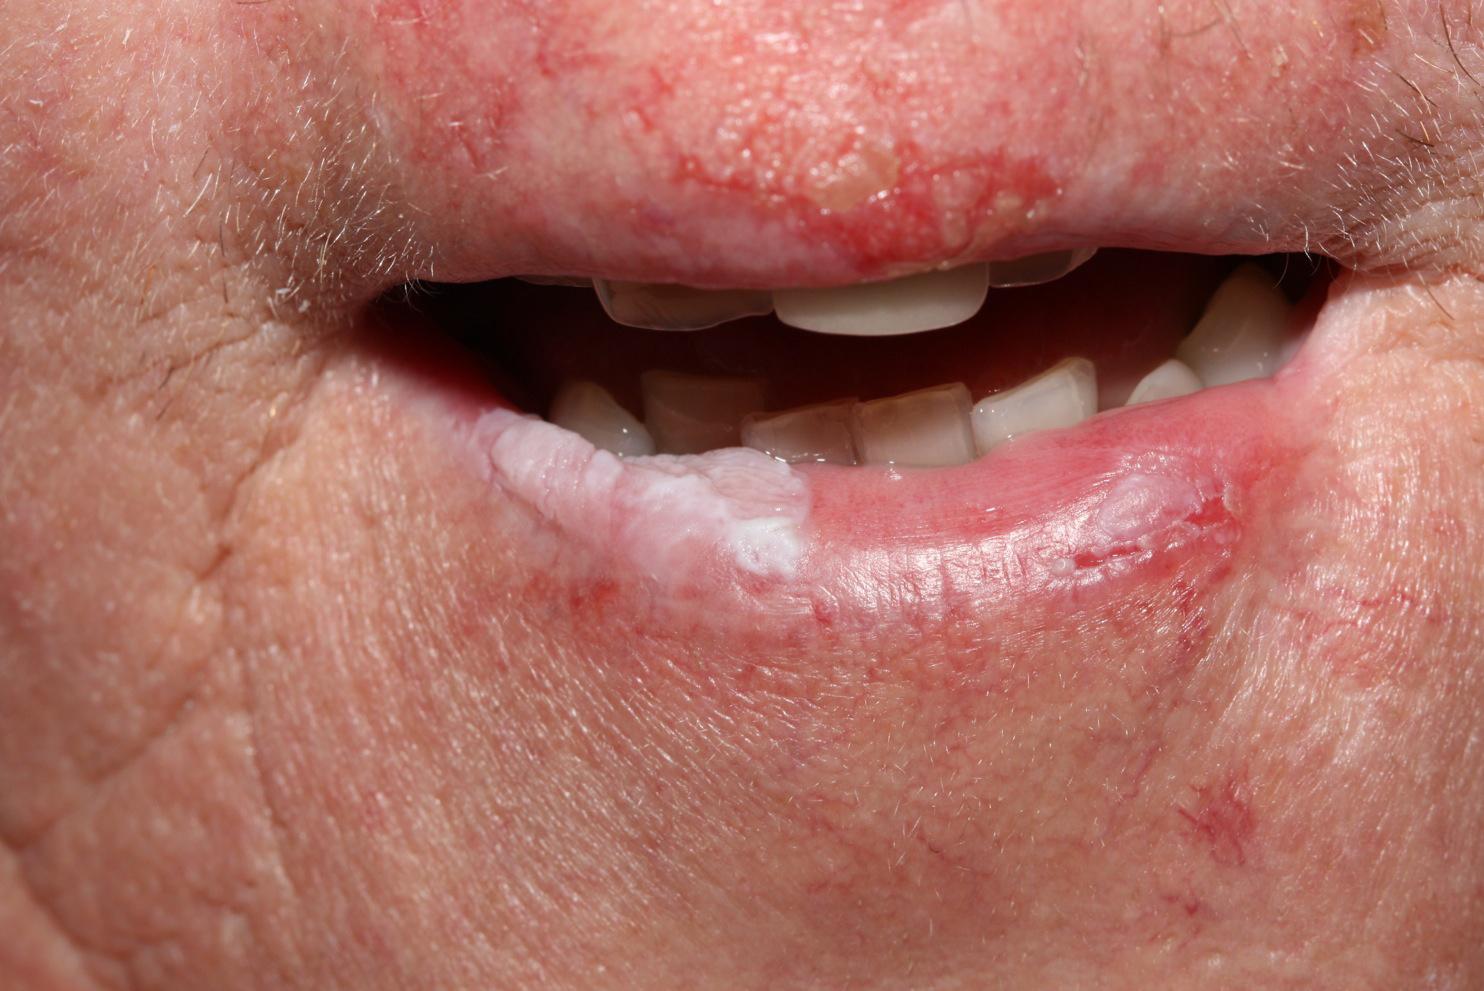 mi a legjobb módszer a pikkelysömör kezelésére eczema treatment guidelines